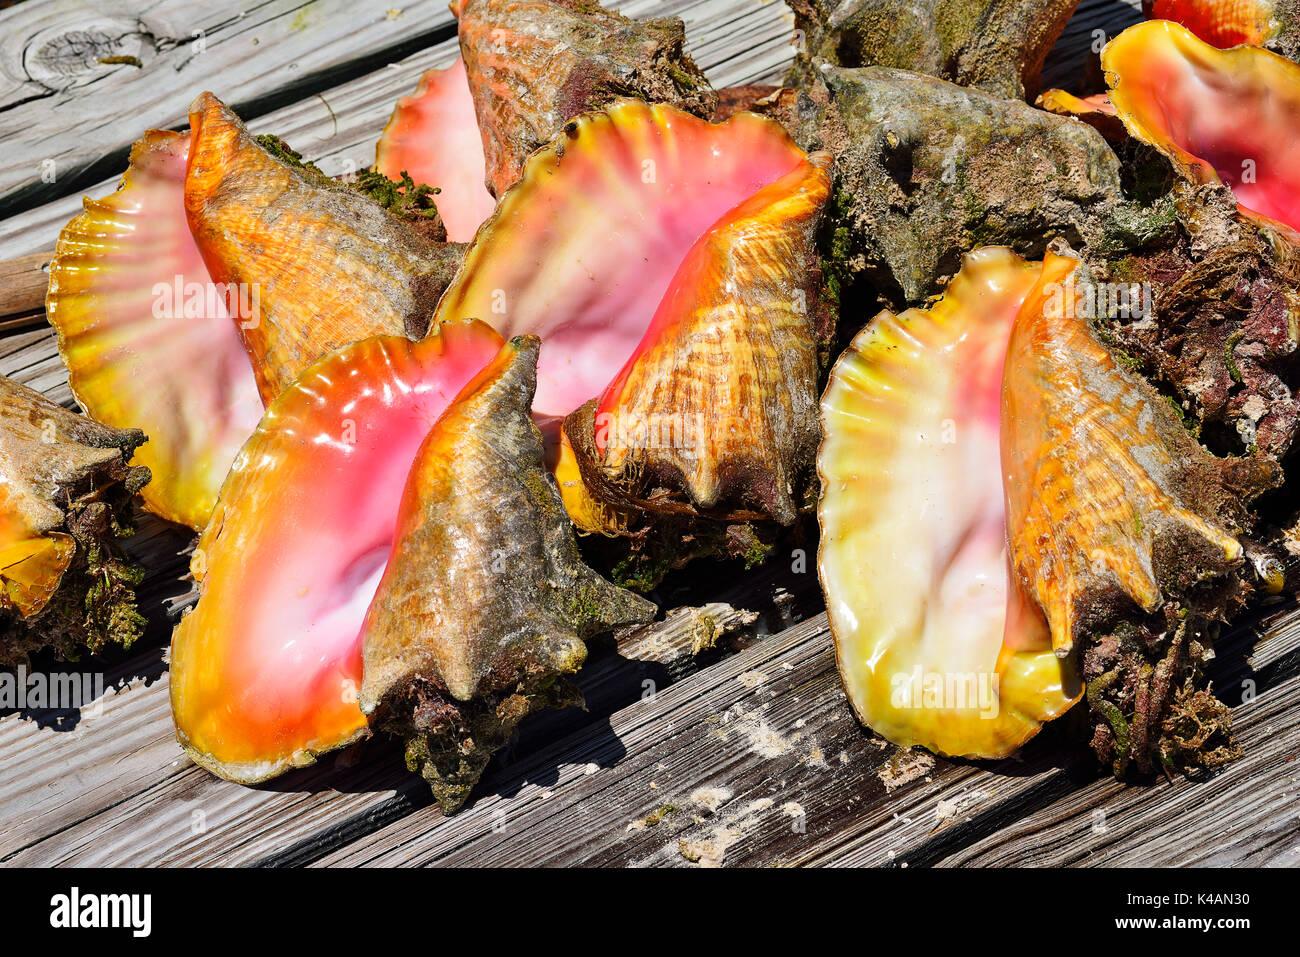 Strombus, Guana Cay, Abacos Islands, Bahamas - Stock Image